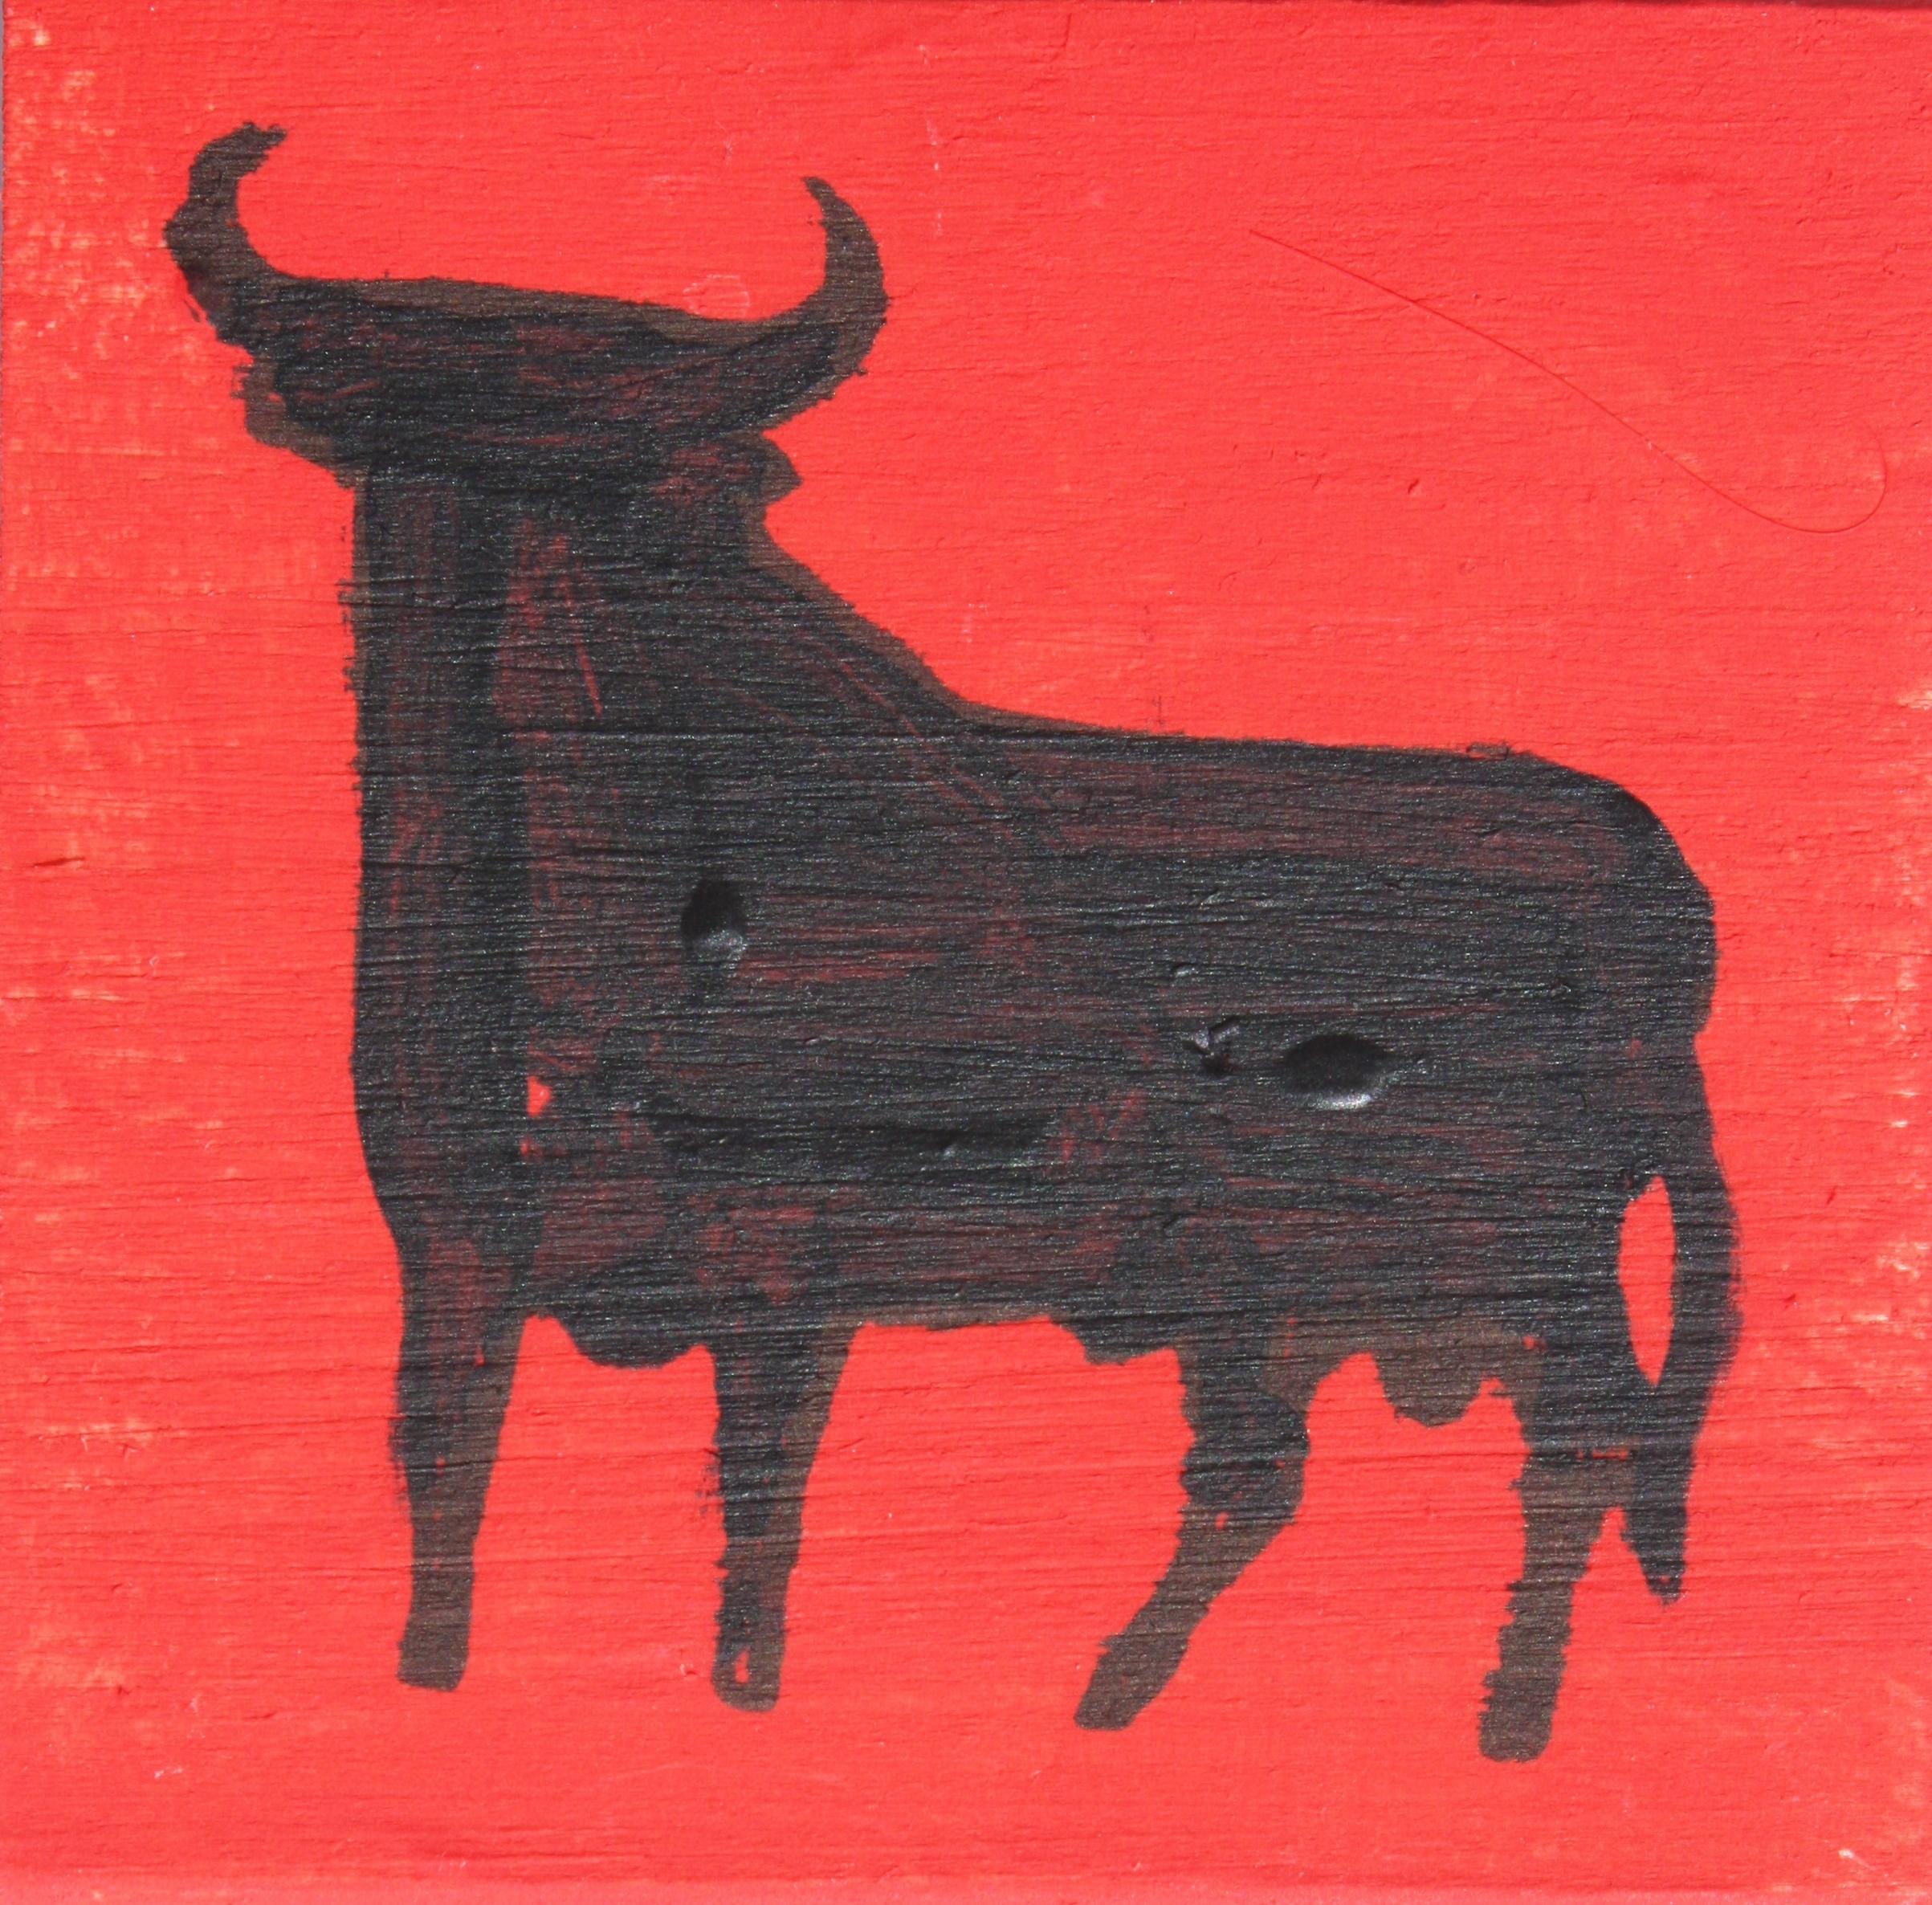 140606-2 - Sp Black Bull